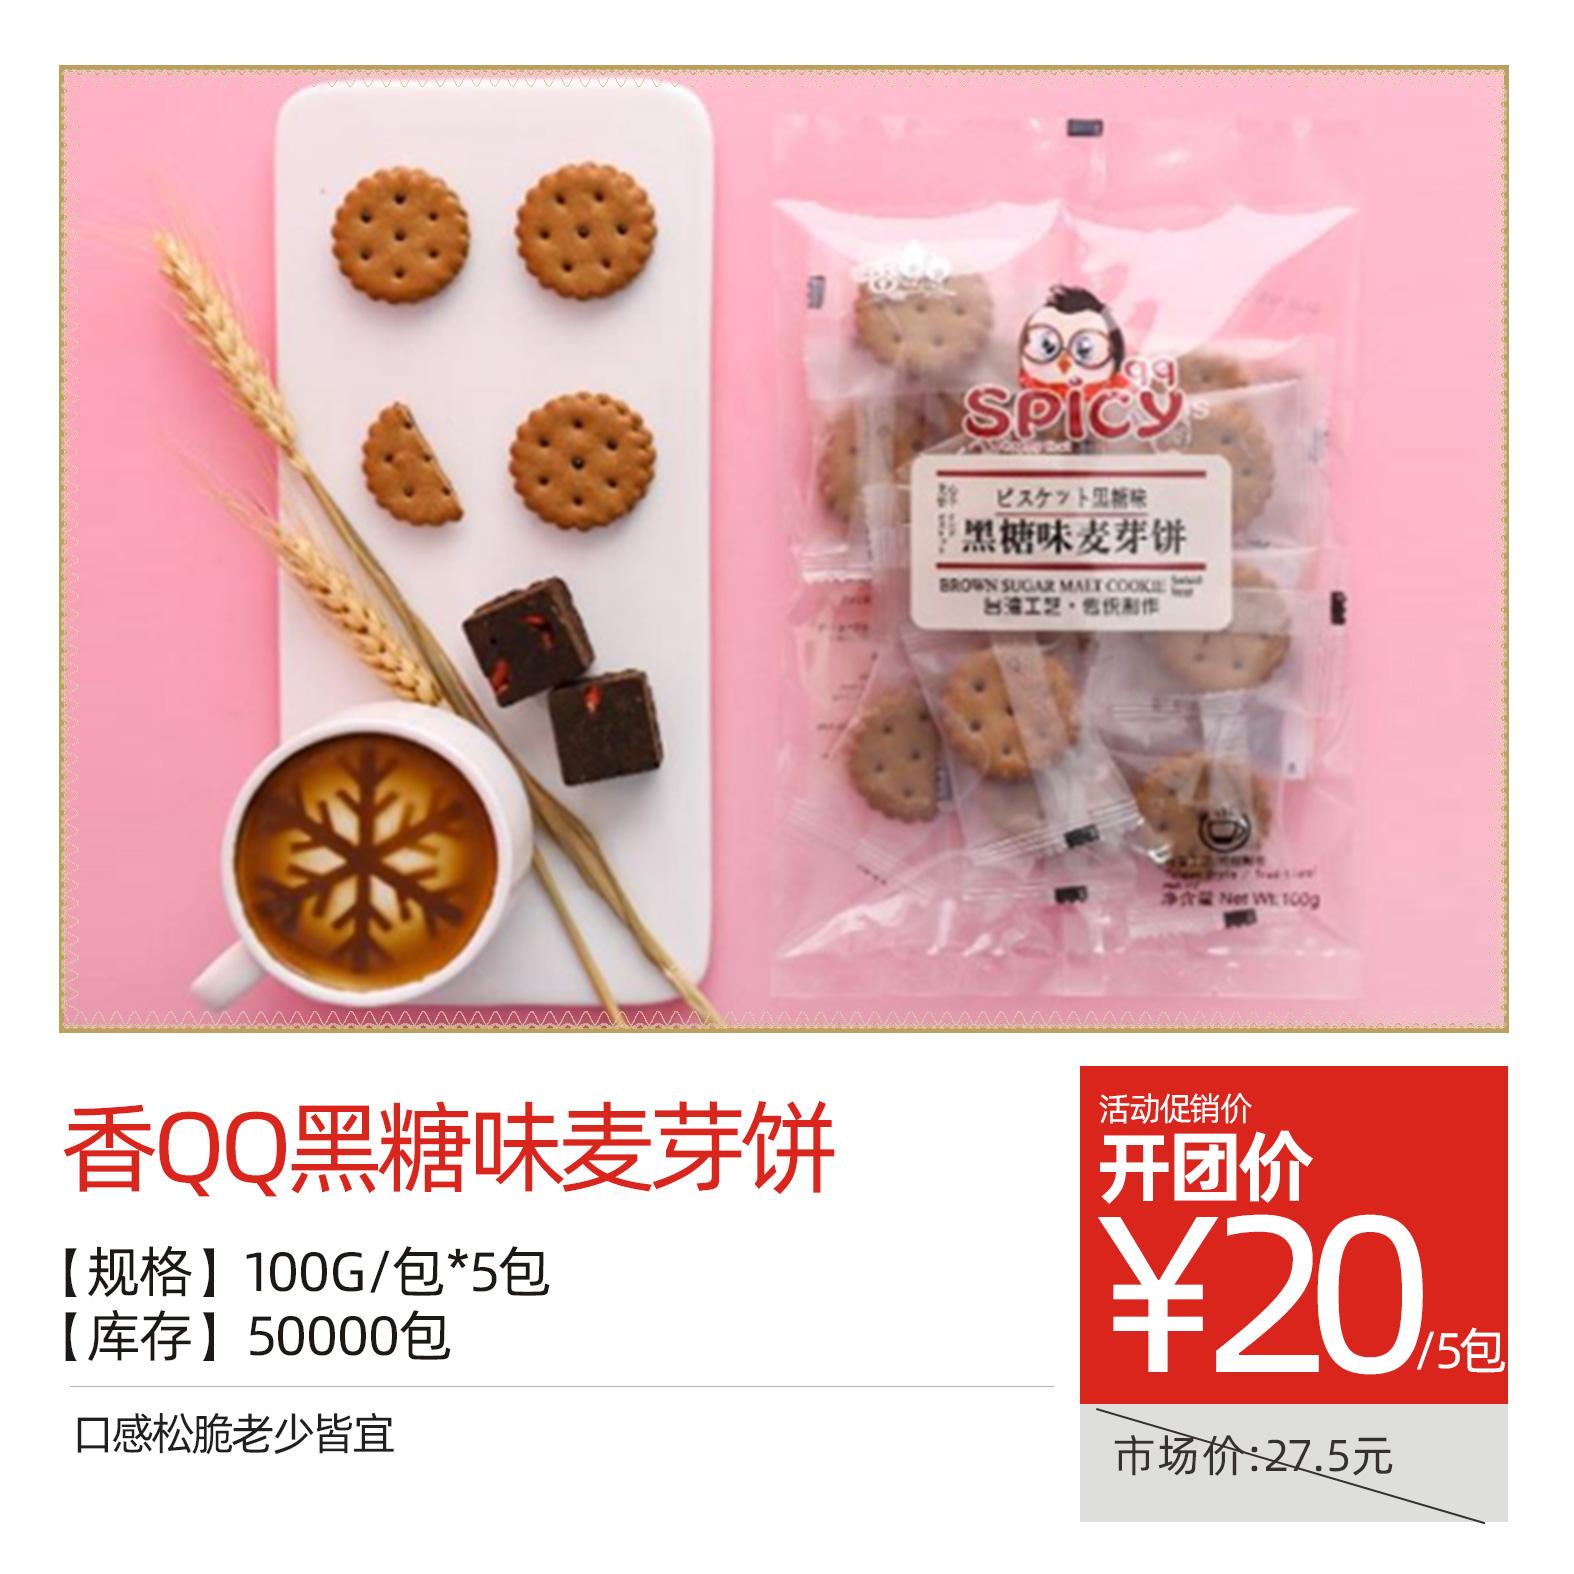 香QQ黑糖味麦芽饼